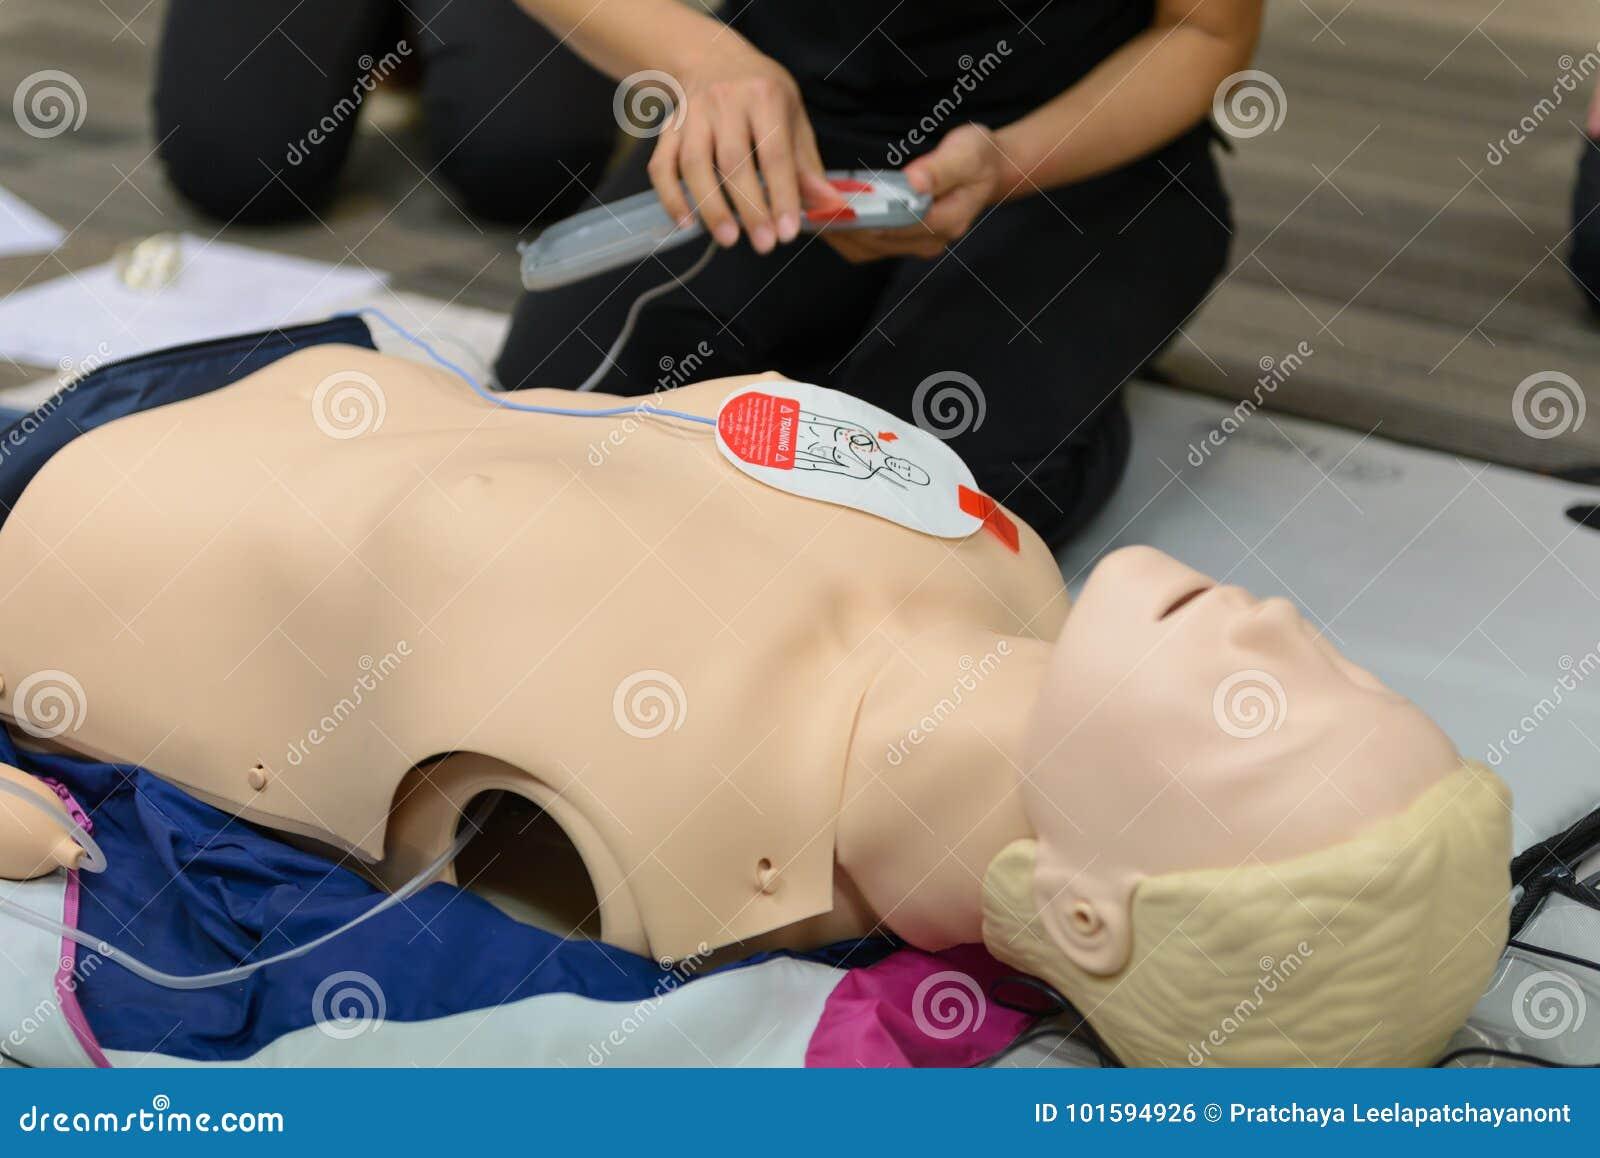 急救使用AED训练的心肺复苏术路线